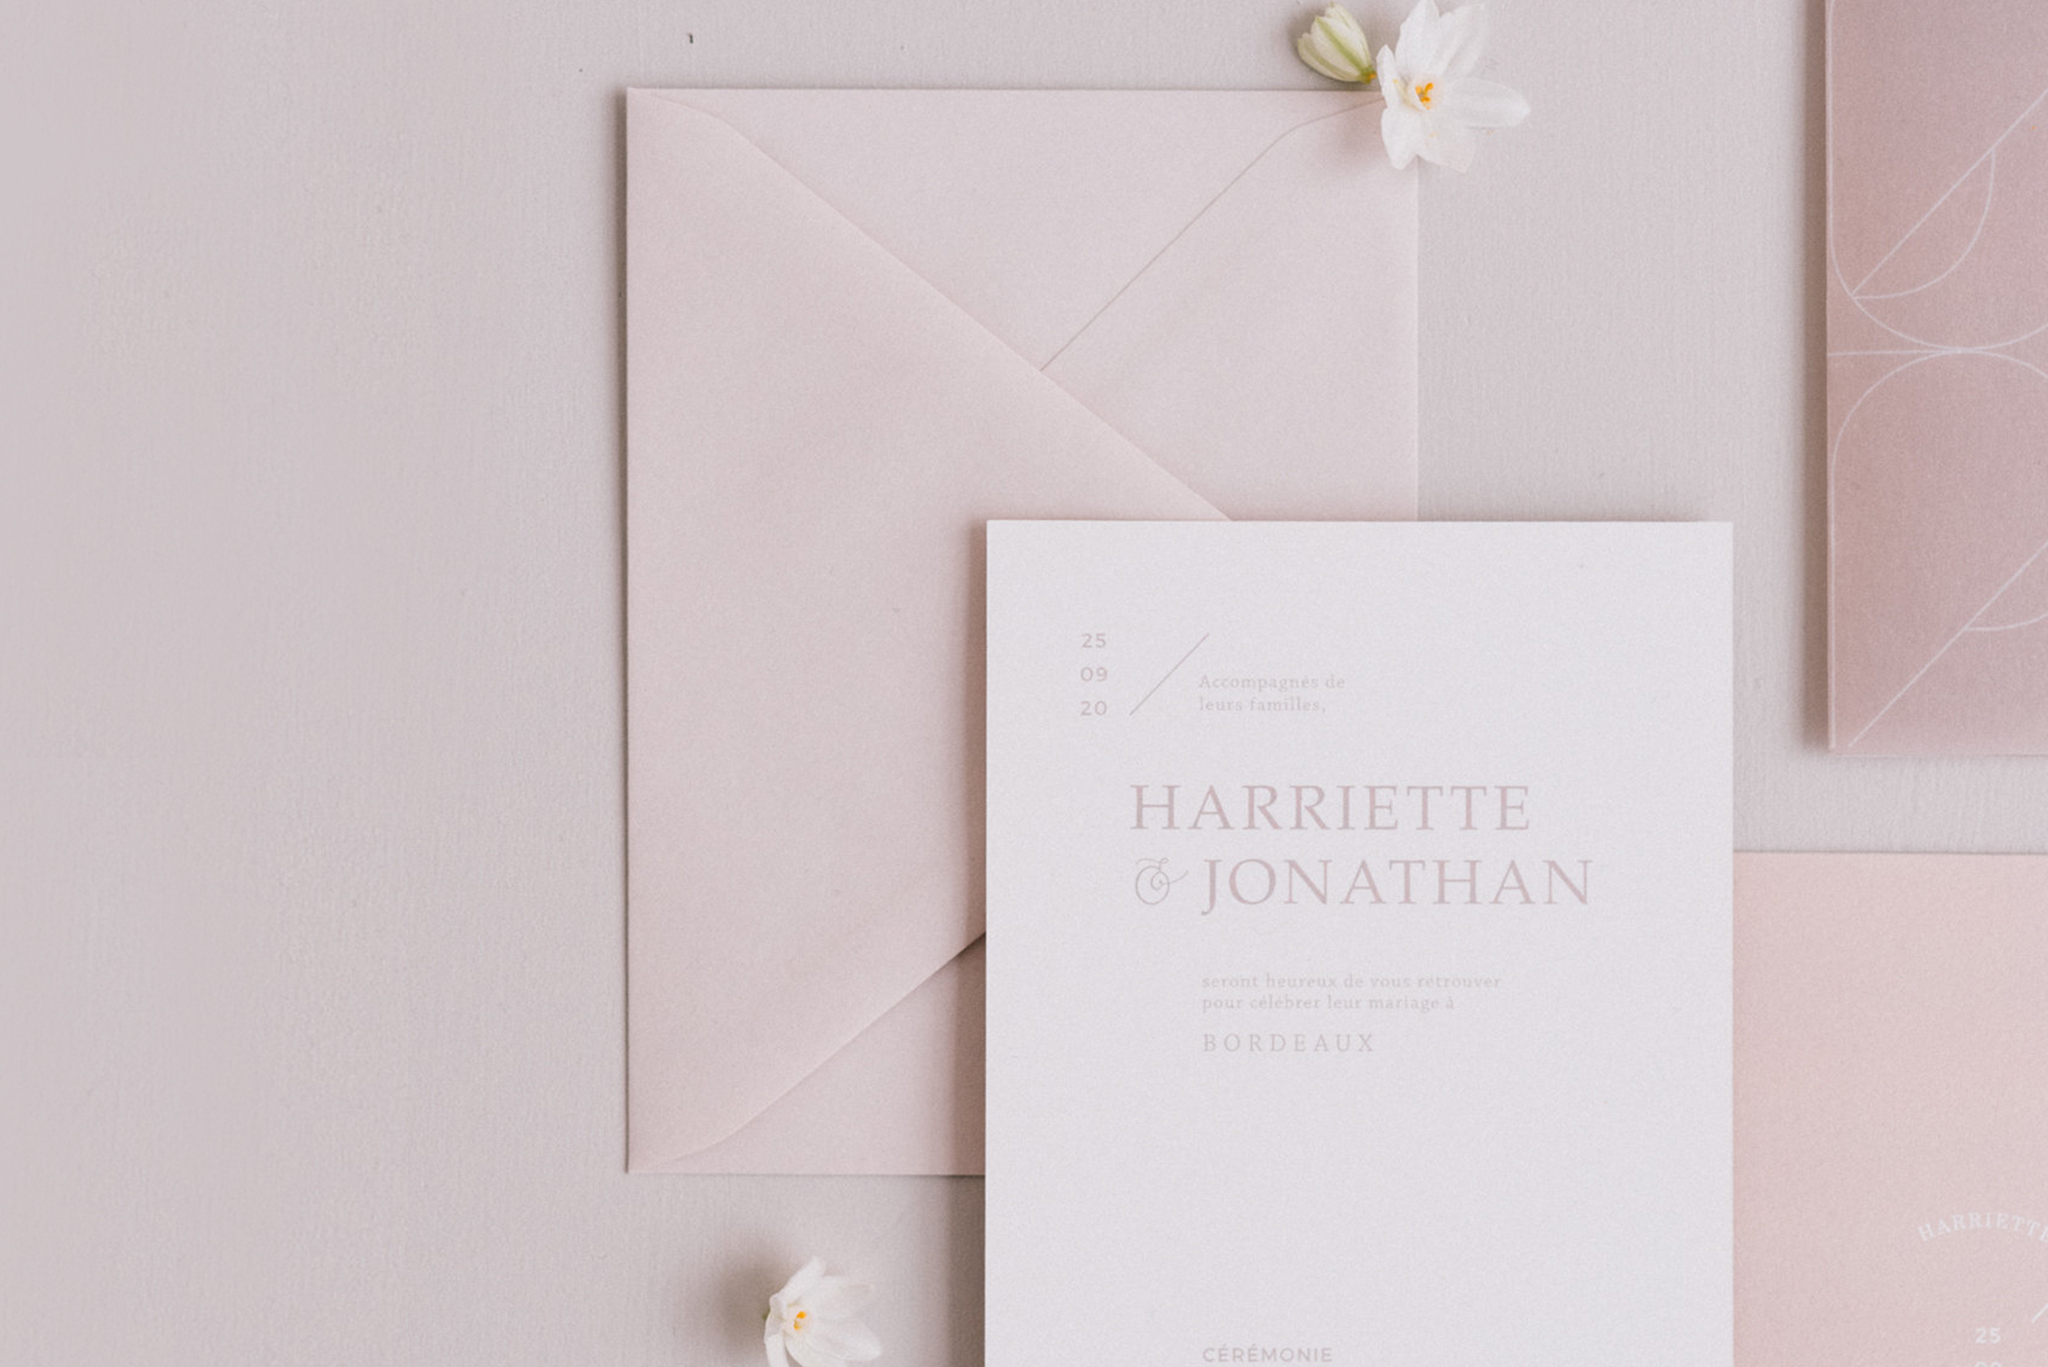 Comment rédiger ses faire-part de mariage - Conseils et astuces sur le blog mariage La mariée aux pieds nus